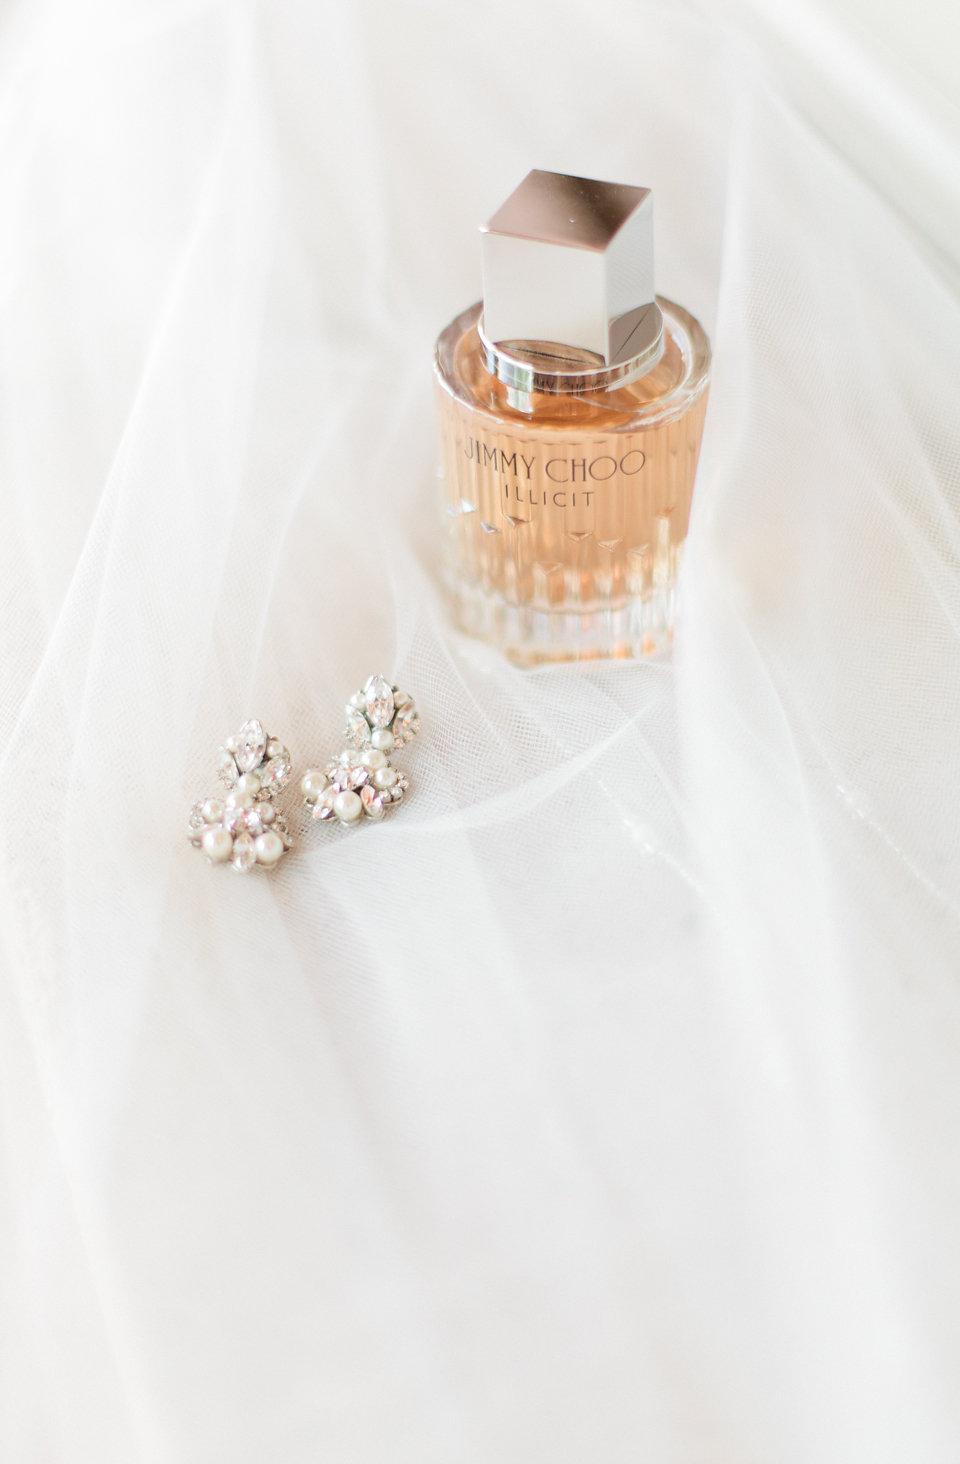 Wedding earrings & perfume